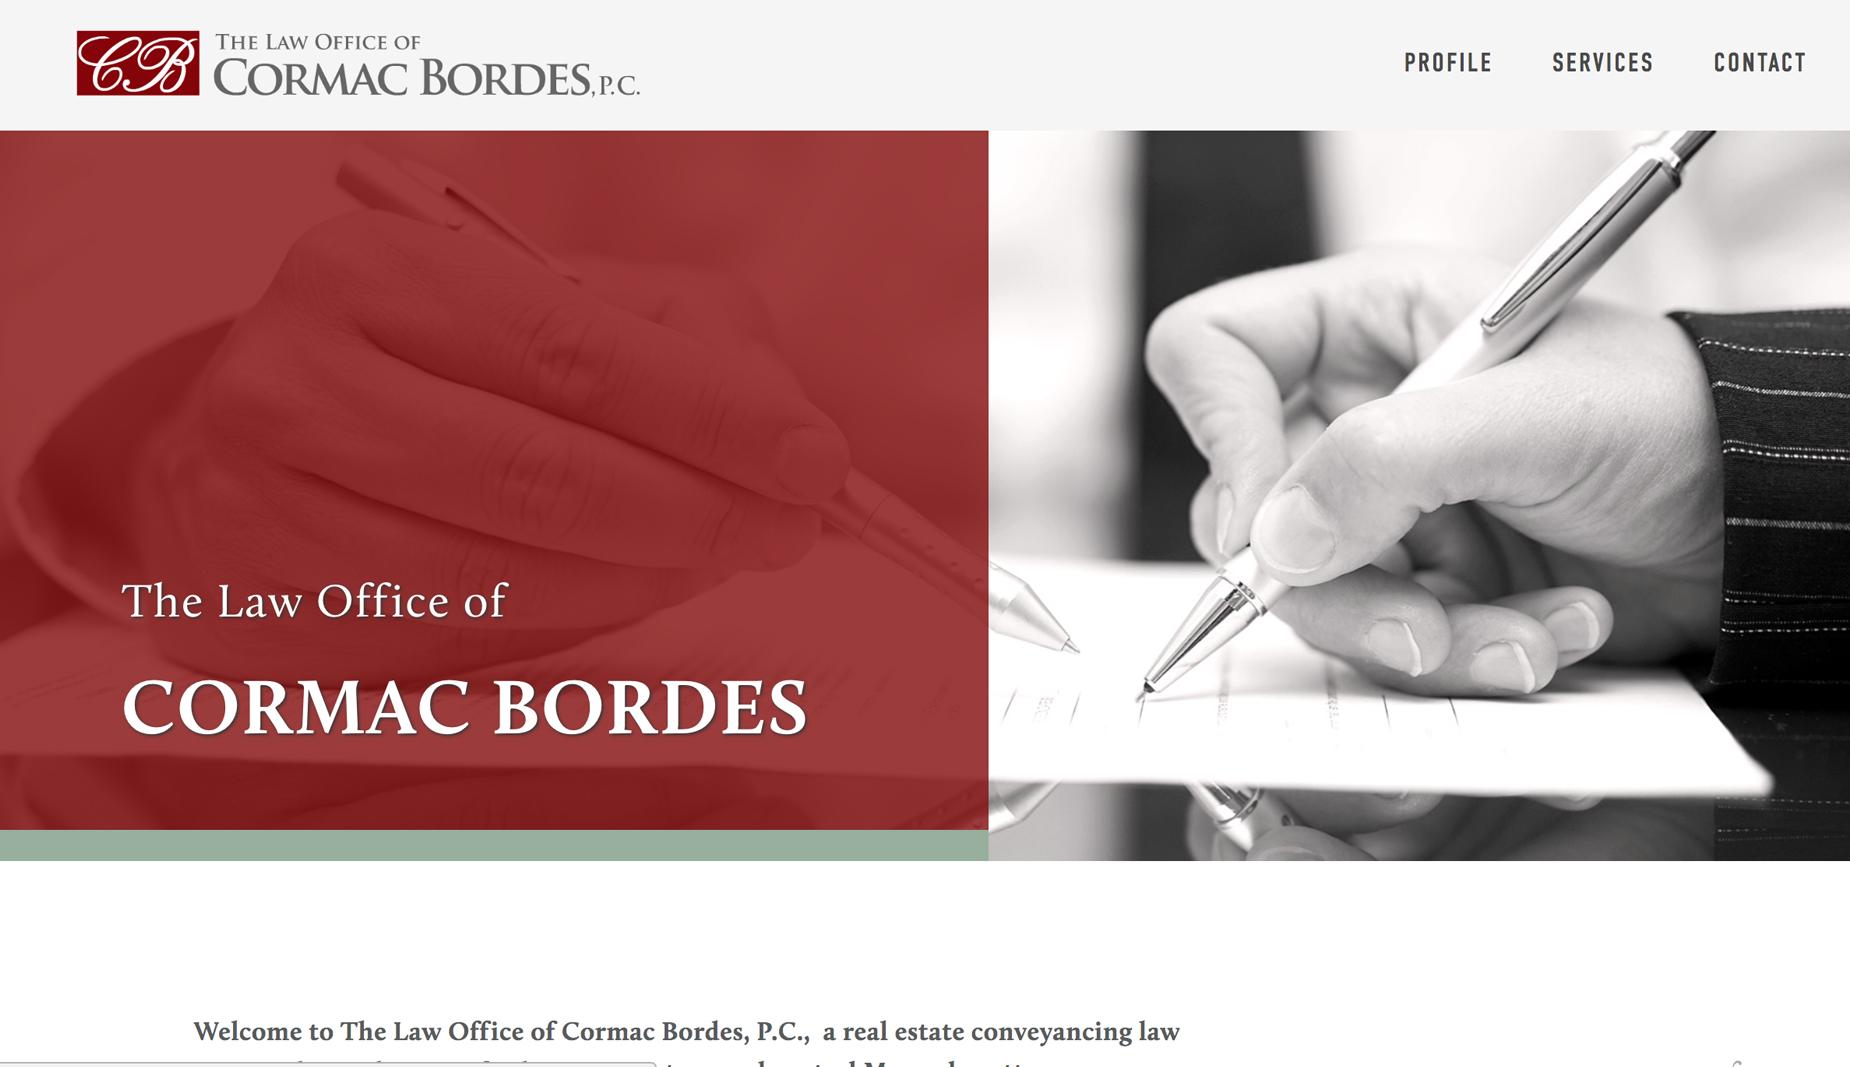 CORMAC BORDES - attorney